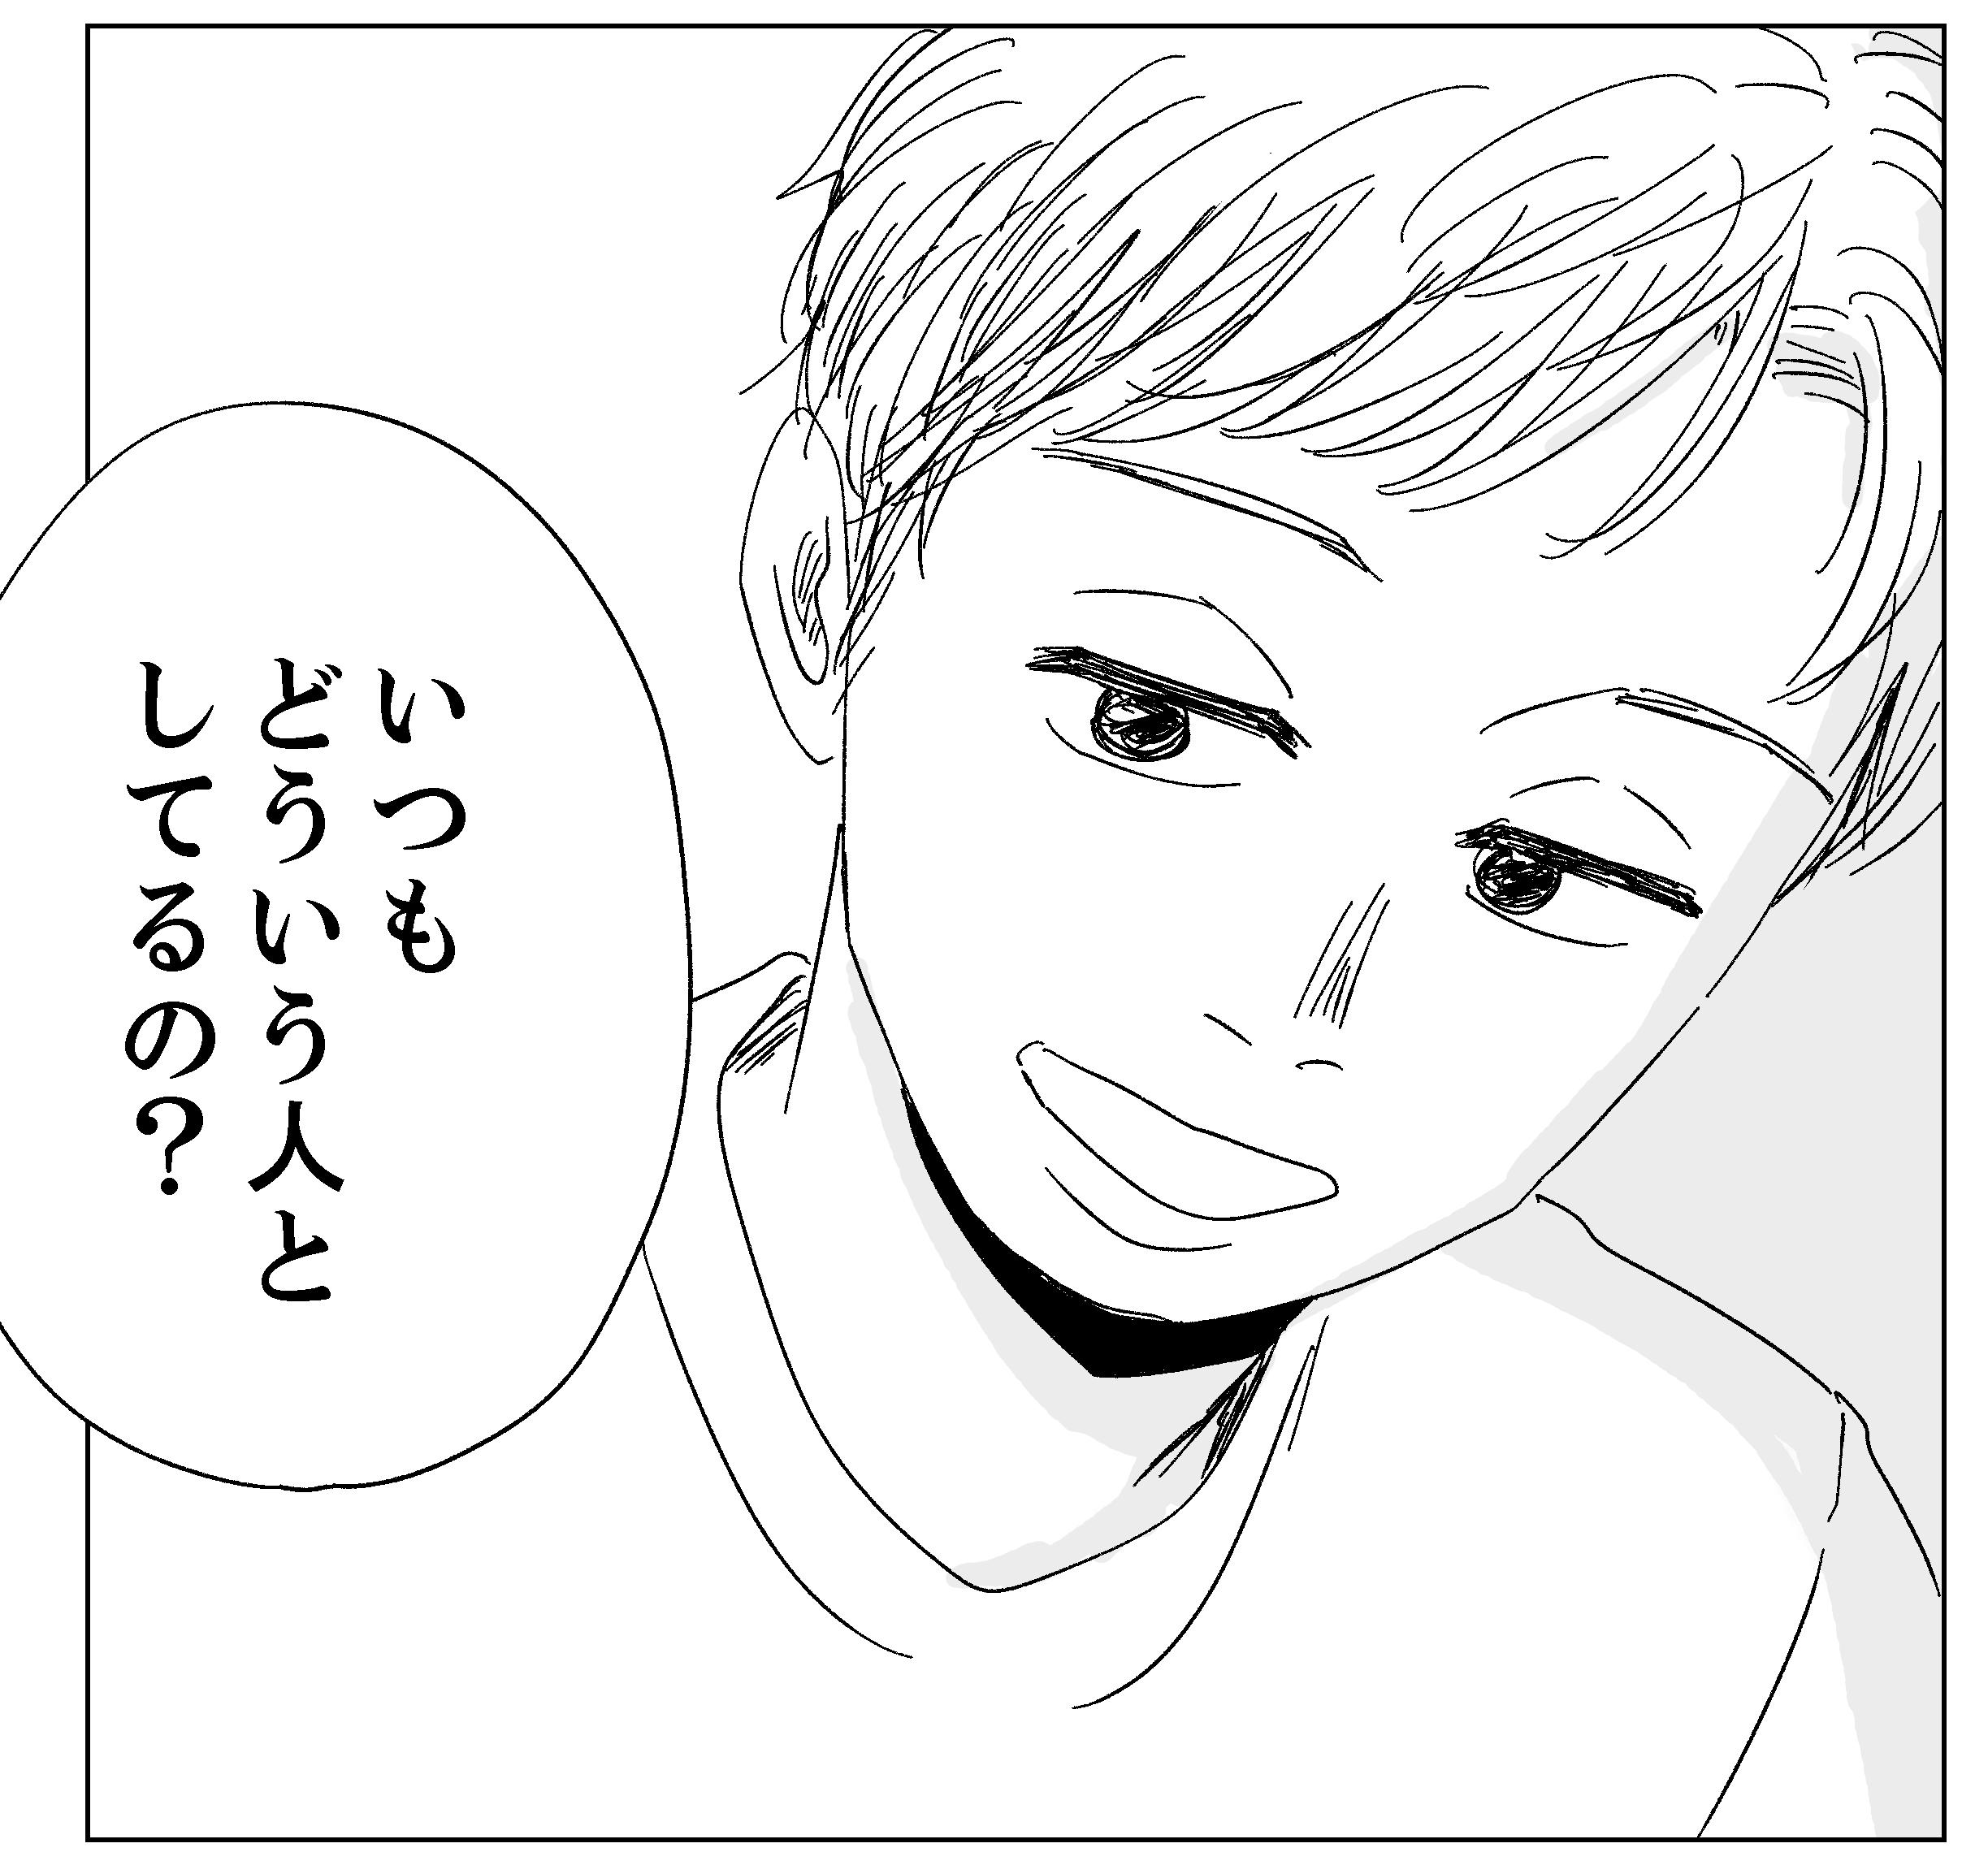 【漫画】「俺としない?」たとえ傷ついてもシていい?/もしも世界に「レンアイ」がなかったら(8)